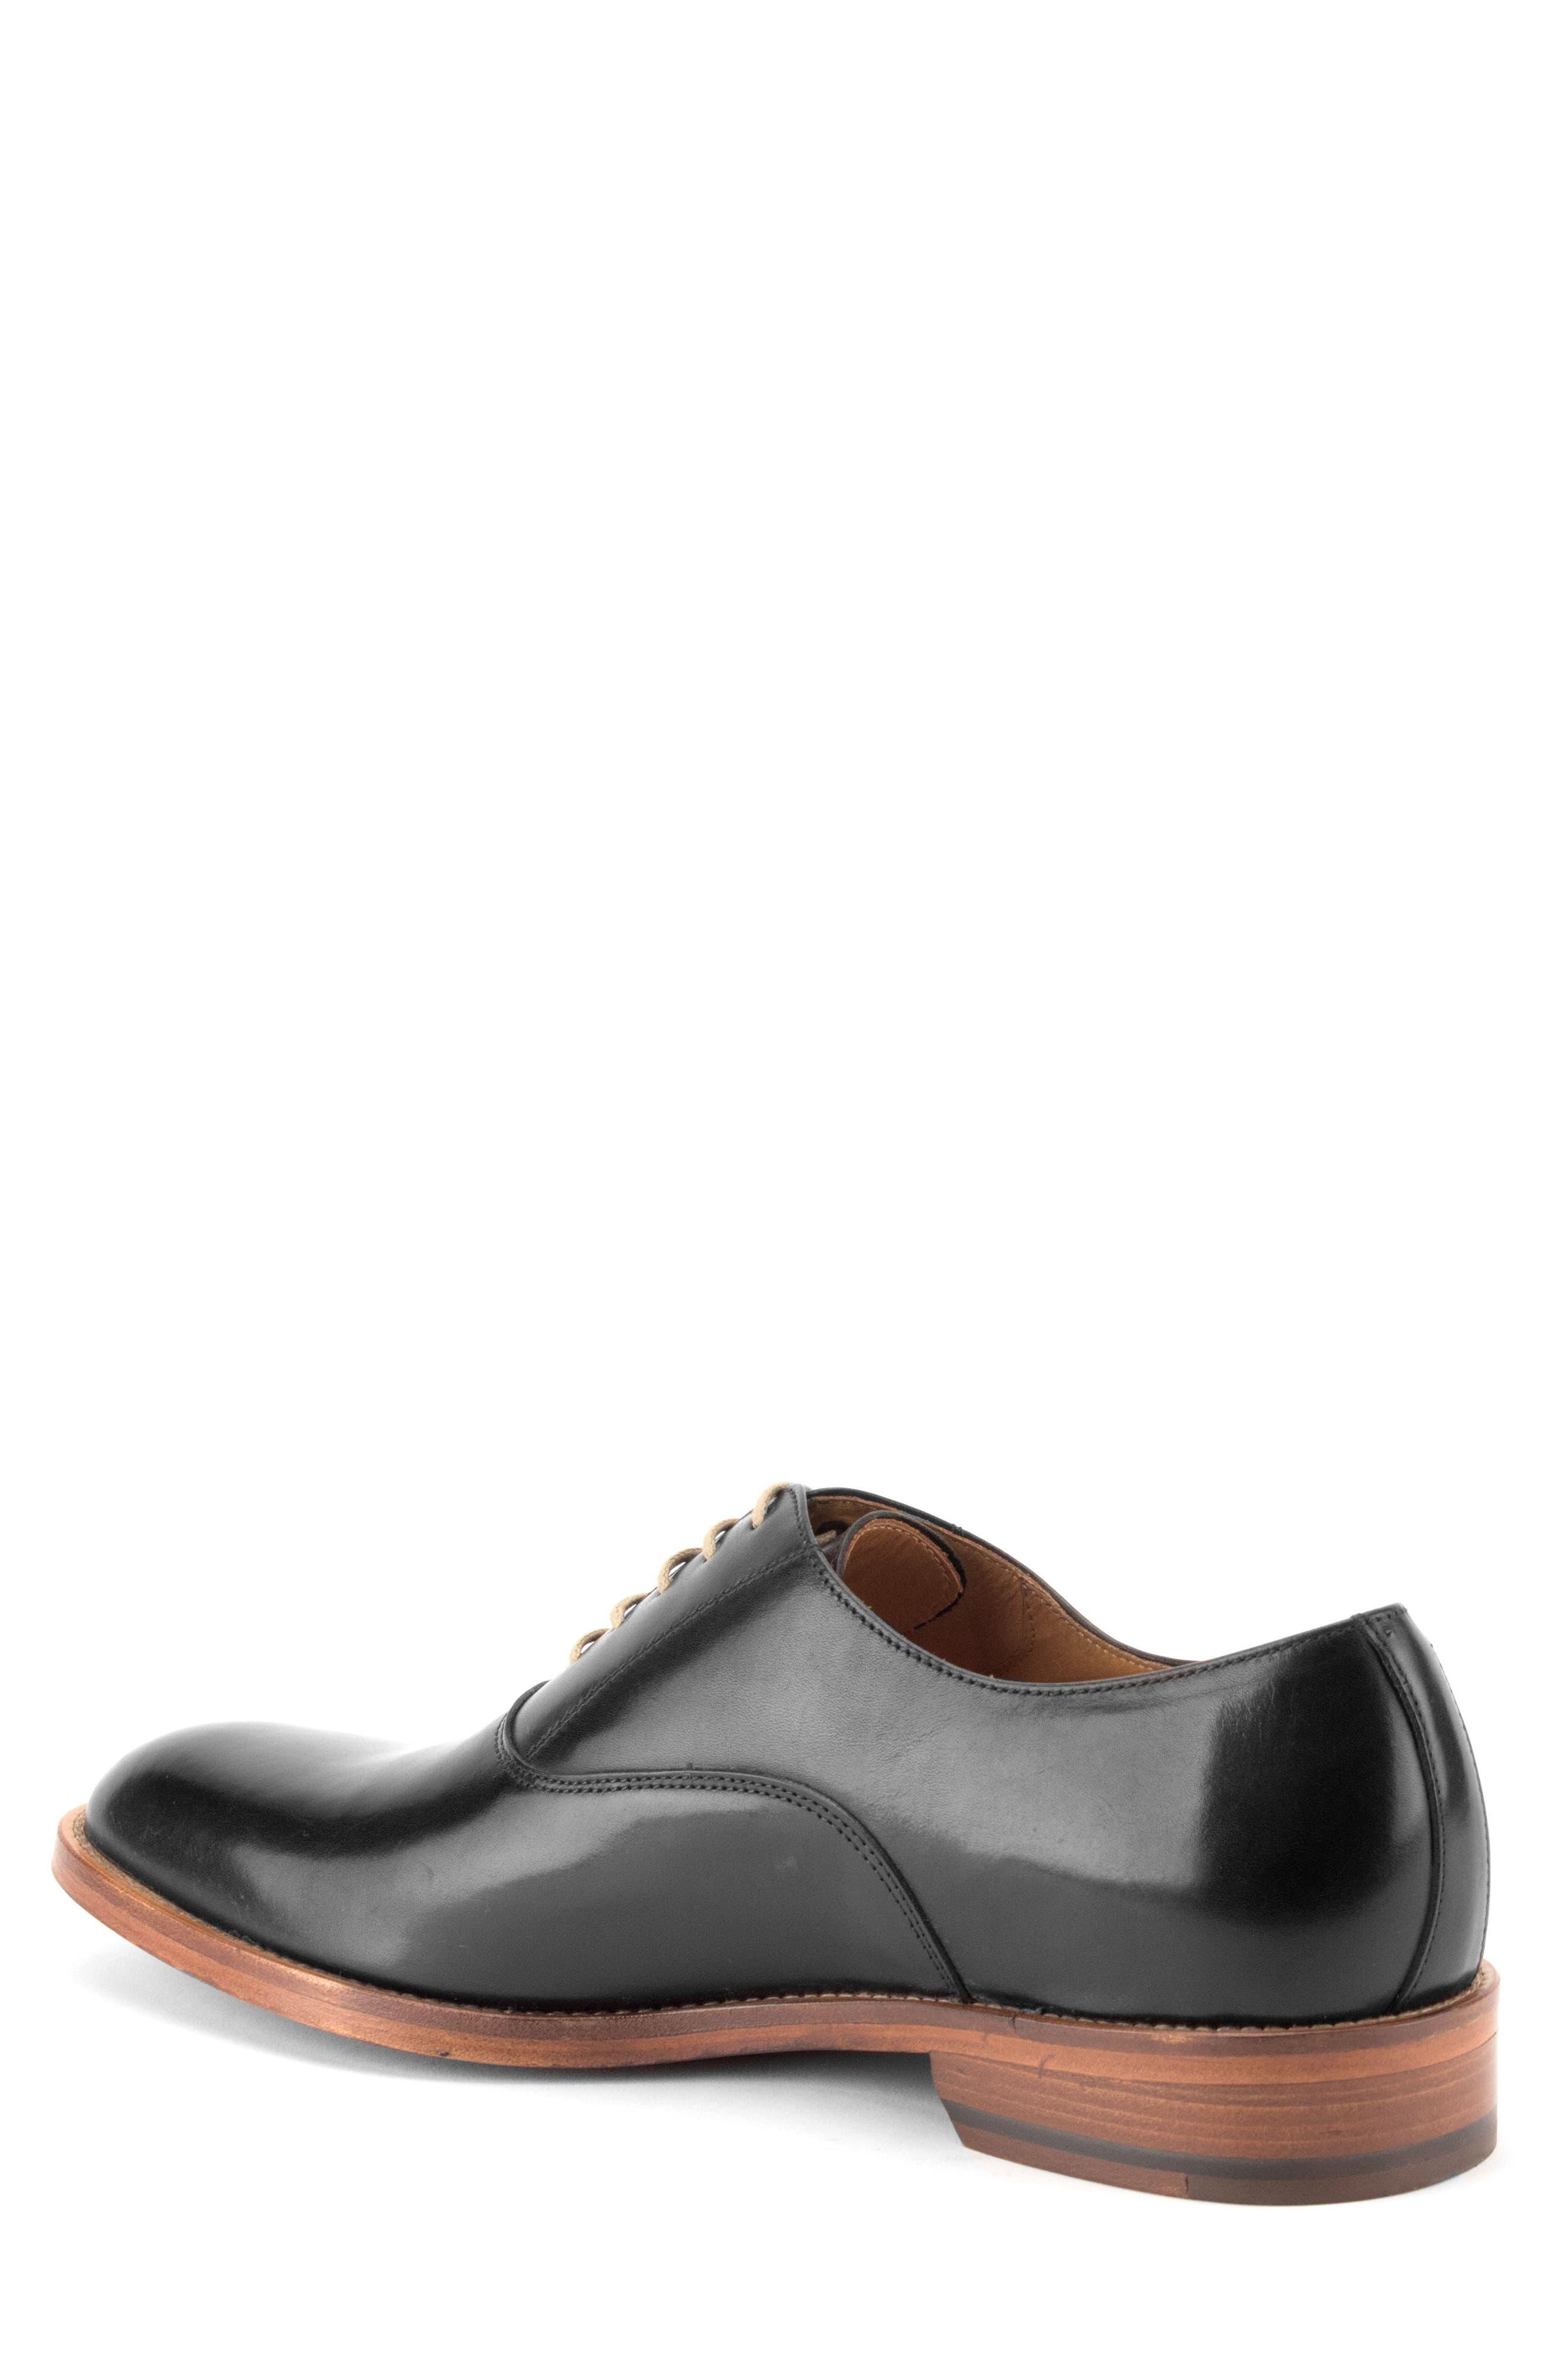 Oliver Plain Toe Oxford,                             Alternate thumbnail 2, color,                             BLACK LEATHER